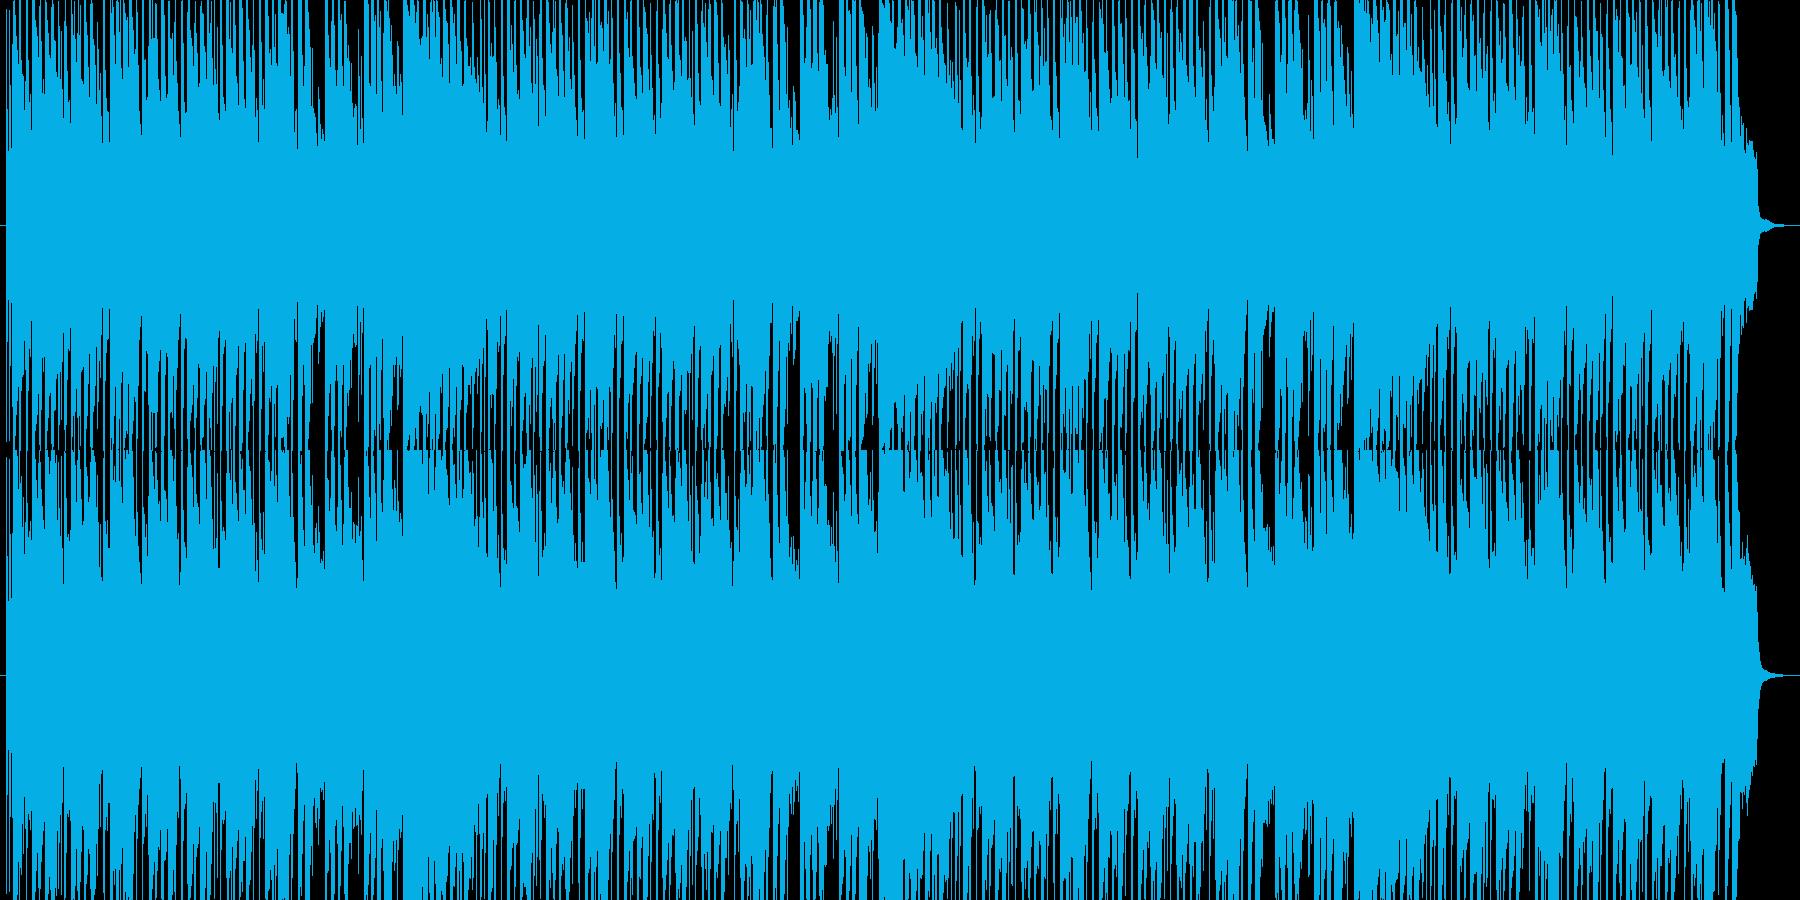 ハロウィンの不思議で怪しげな音楽の再生済みの波形